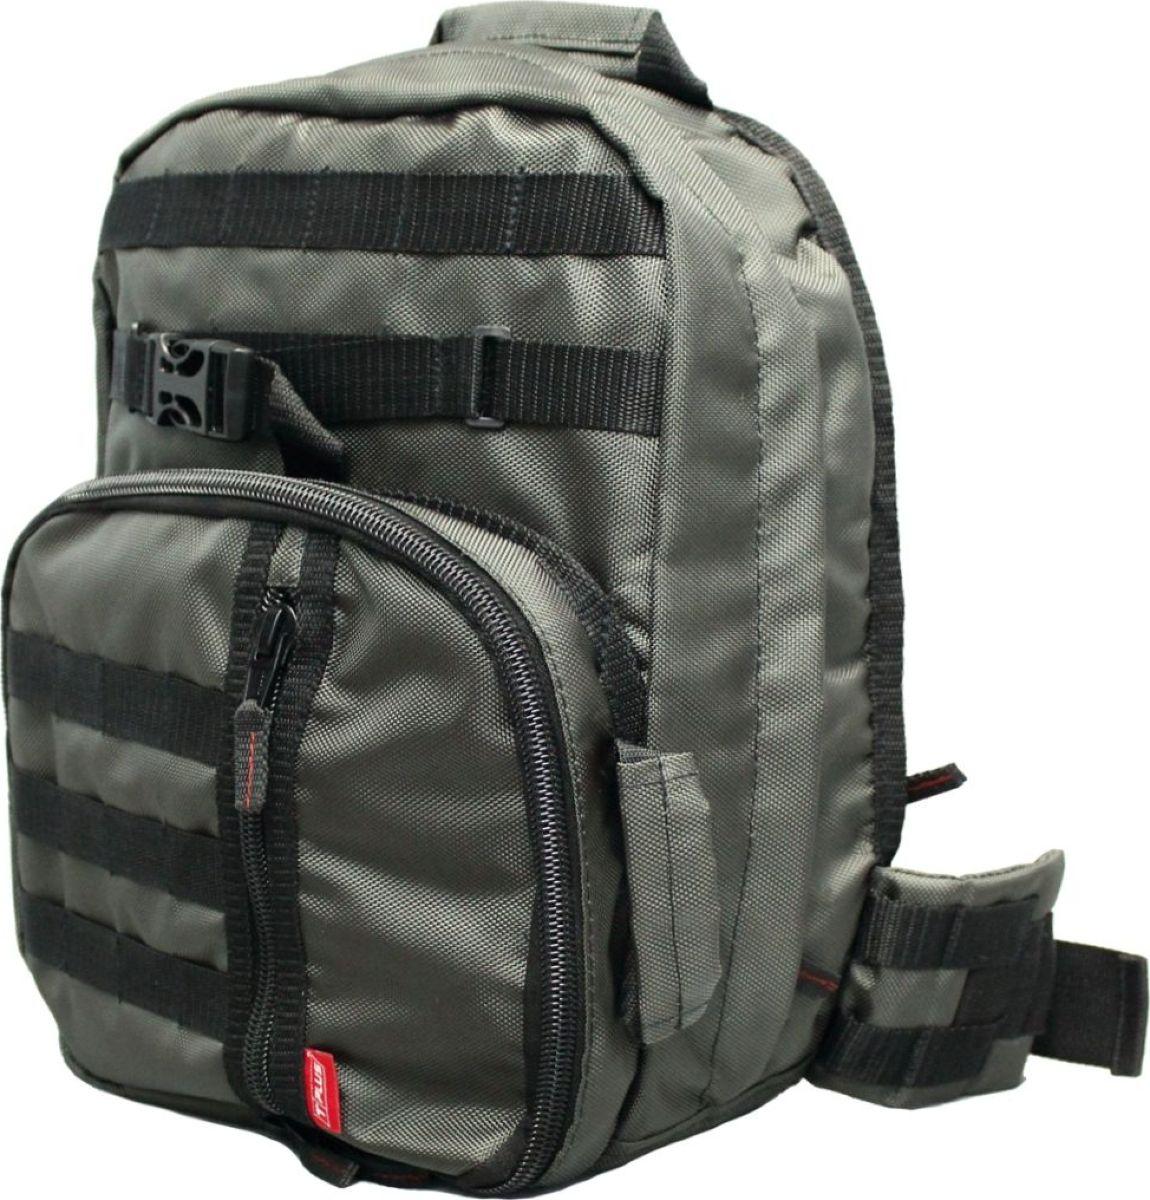 Рюкзак тактический Tplus 380, однолямочный, цвет: хакиT007576Одно-лямочная конструкция рюкзака позволяет класть и вынимать вещи без его снятия, для этого достаточно просто передвинуть его со спины на грудь. Тактический рюкзак — это идеальный вариант для выживальщиков и охотников. Рюкзак играет самую важную роль в любом походе, вы должны быть уверены в его надёжности и быть довольны его функциональностью. Несомненно, чтобы удовлетворить эти потребности, вам нужно обязательно приобрести тактический рюкзак.На что следует обратить внимание при выборе тактического рюкзака:- качество материала- функциональность- объем- непромокаемостьРюкзак двух объёмный. Высокопрочный материал с водоотталкивающей поверхностью. Точки наибольшего напряжения швов имеют двойную прошивку. Специальная система набивок, предохраняющая содержимое рюкзака от ударов. Универсальная система крепления подсумков MOLLE позволяет опционально навешивать дополнительные подсумки на рюкзак в соответствии с необходимостью. Оптимальное расположение карманов и отделений, позволяющее иметь быстрый доступ к оборудованию и вещам. В спинке сделан потайной карман для оружия или нетбука (планшета). Удобная загрузка. Рюкзак двух объёмный, в спинке сделан потайной карман для оружия или нетбука(планшета) длиной не более 370 мм.